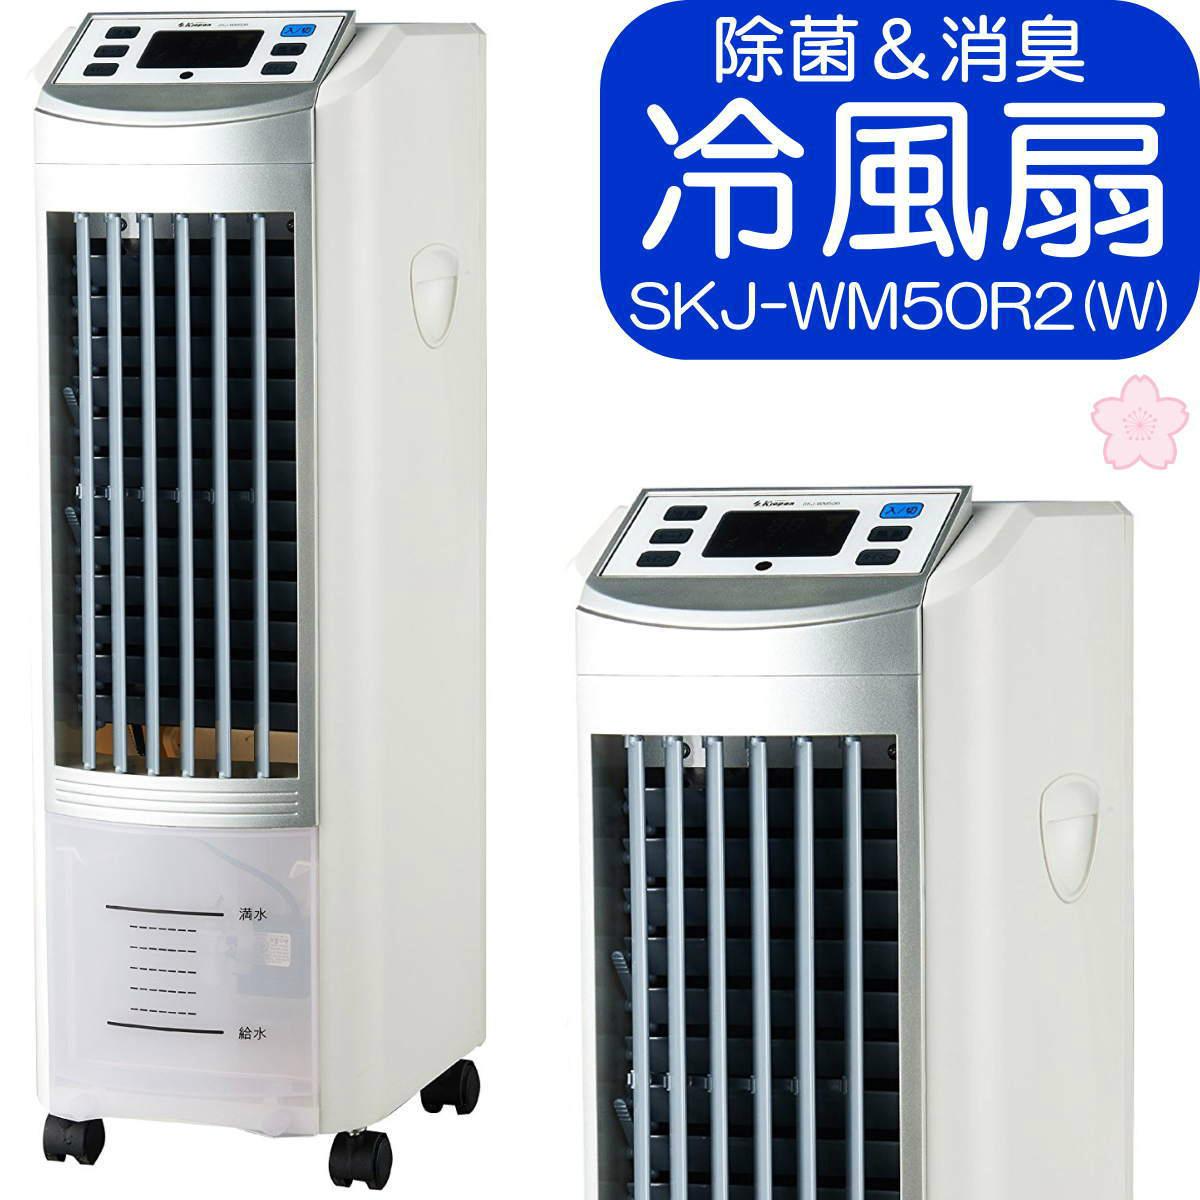 2019年型 | SKJ 冷風扇 | SKJ-WM50R2(W) | ホワイト | リモコン付 | 液晶表示 | タンク容量3.8L | エスケイジャパン 1年保証